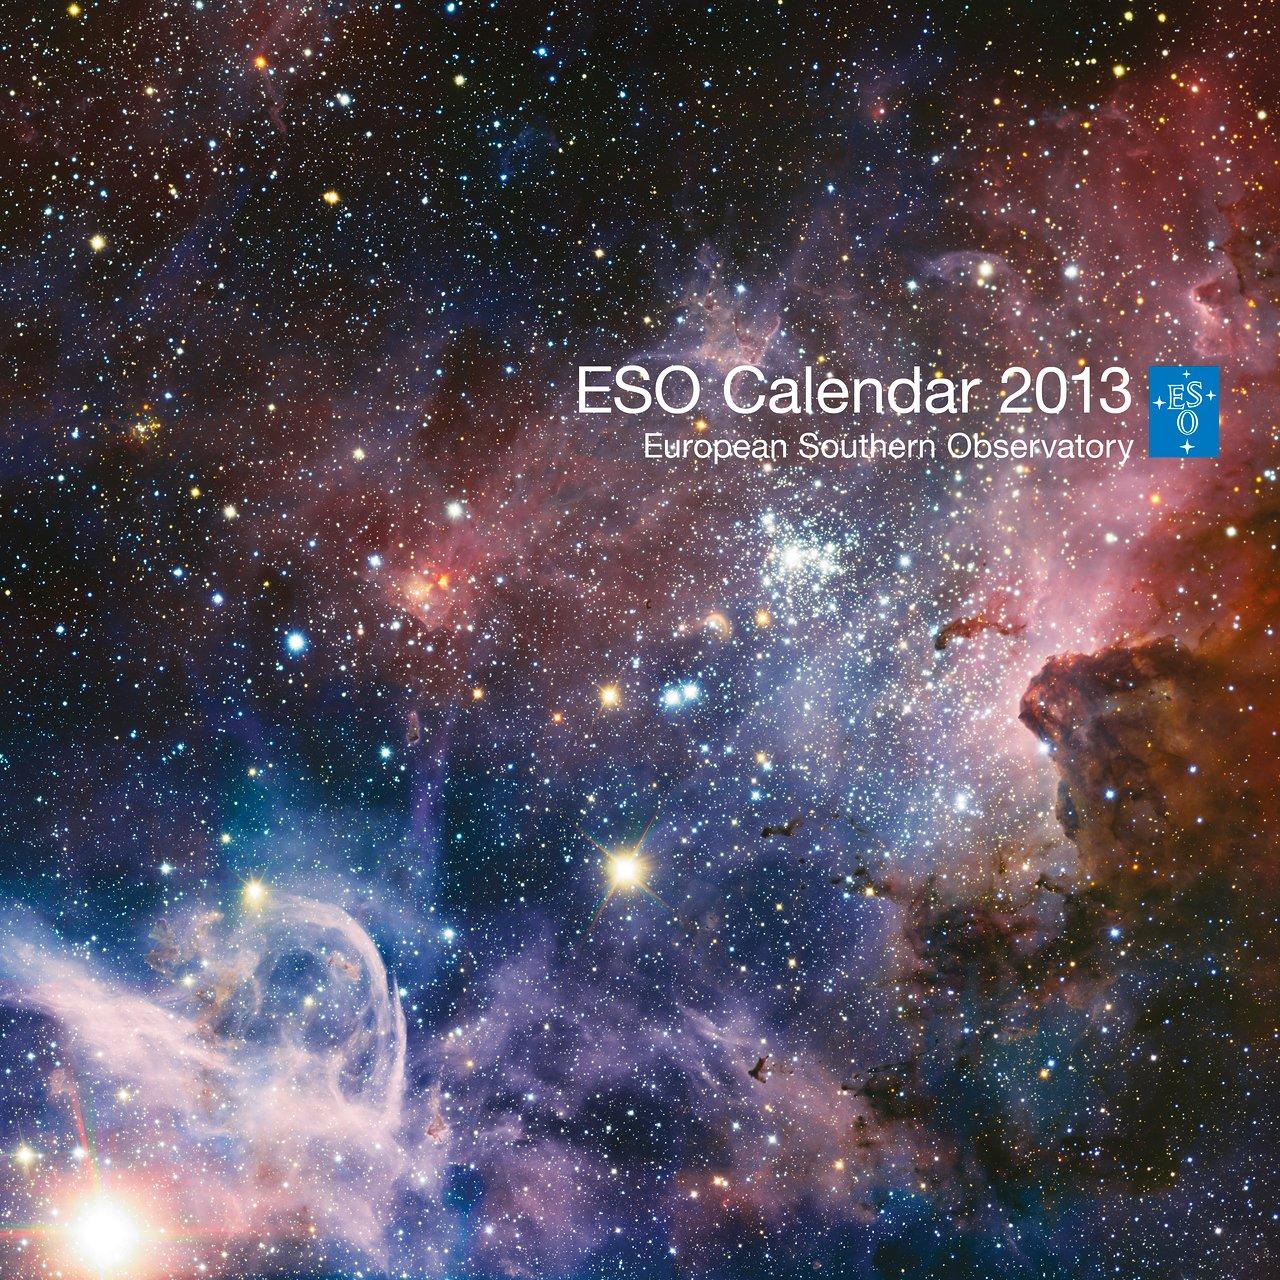 Titelblatt des ESO-Kalenders 2013